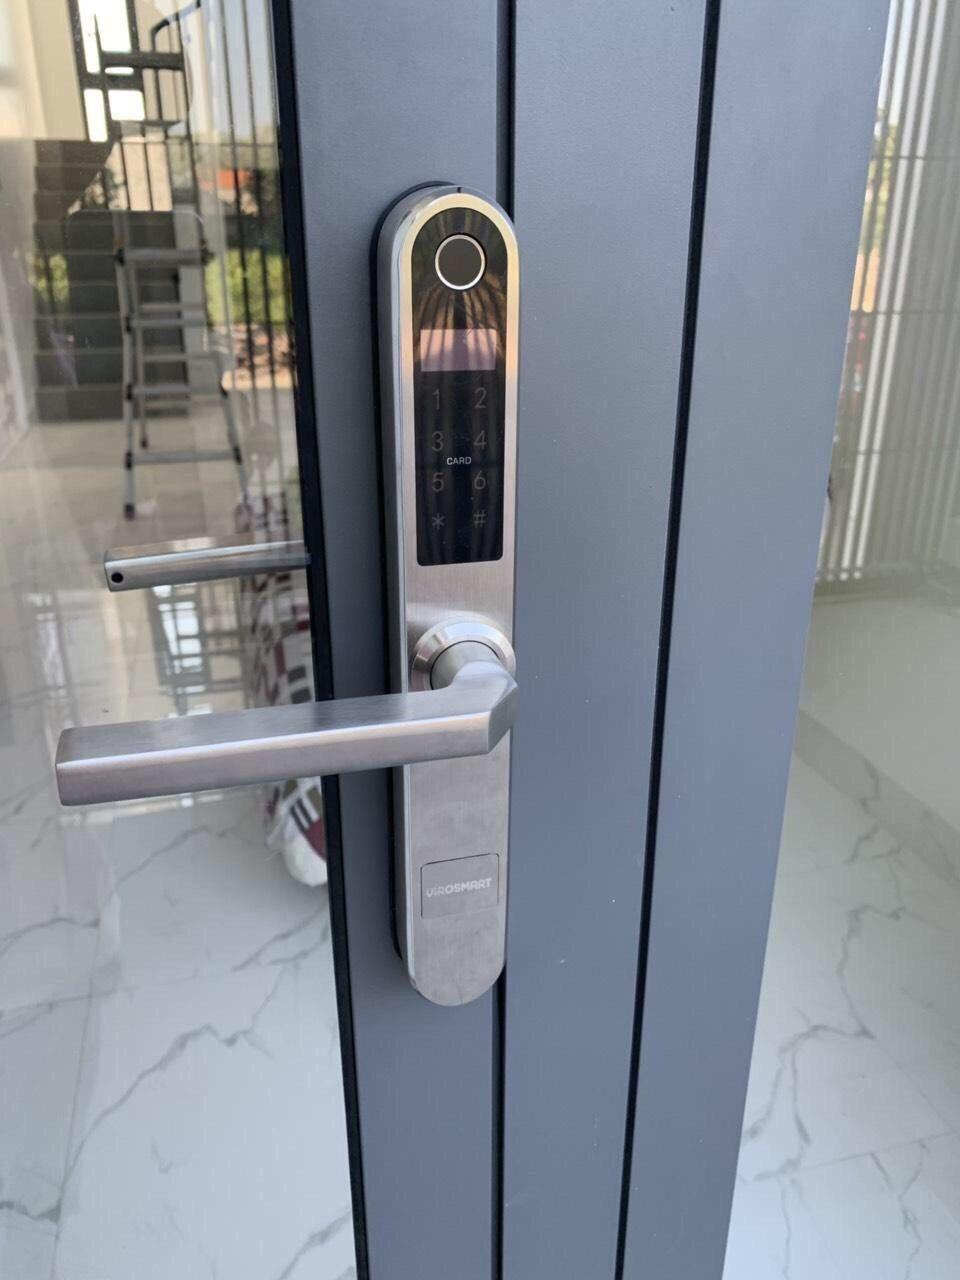 Khóa vân tay cửa sắt - Lựa chọn an toàn cho gia đình bạn